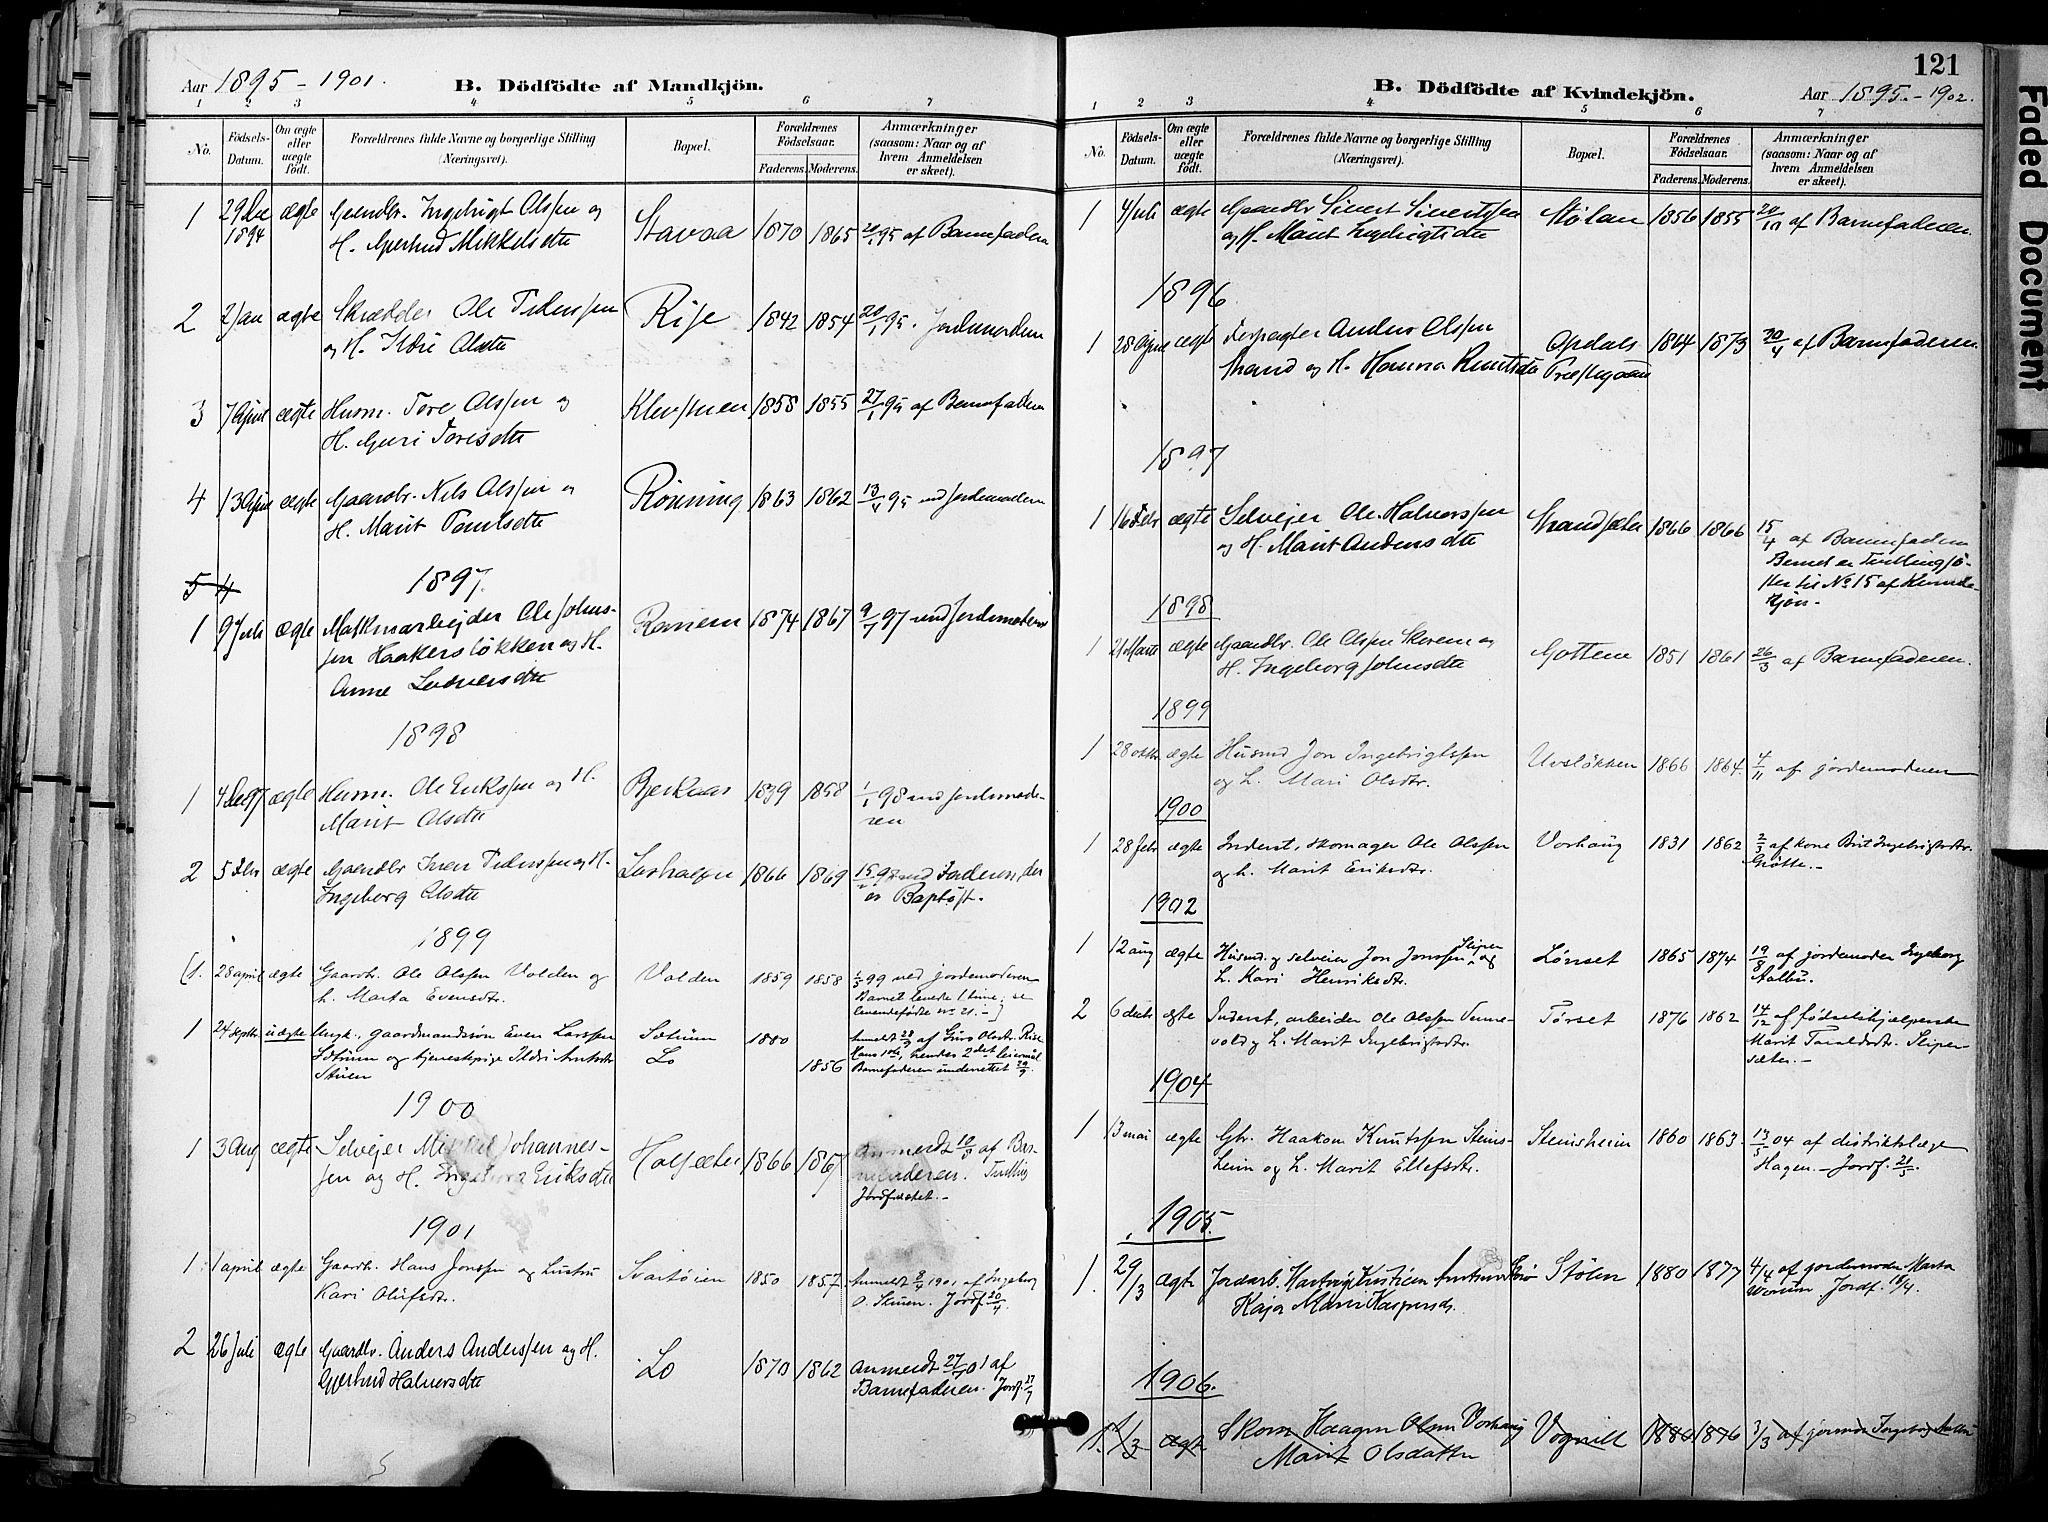 SAT, Ministerialprotokoller, klokkerbøker og fødselsregistre - Sør-Trøndelag, 678/L0902: Ministerialbok nr. 678A11, 1895-1911, s. 121